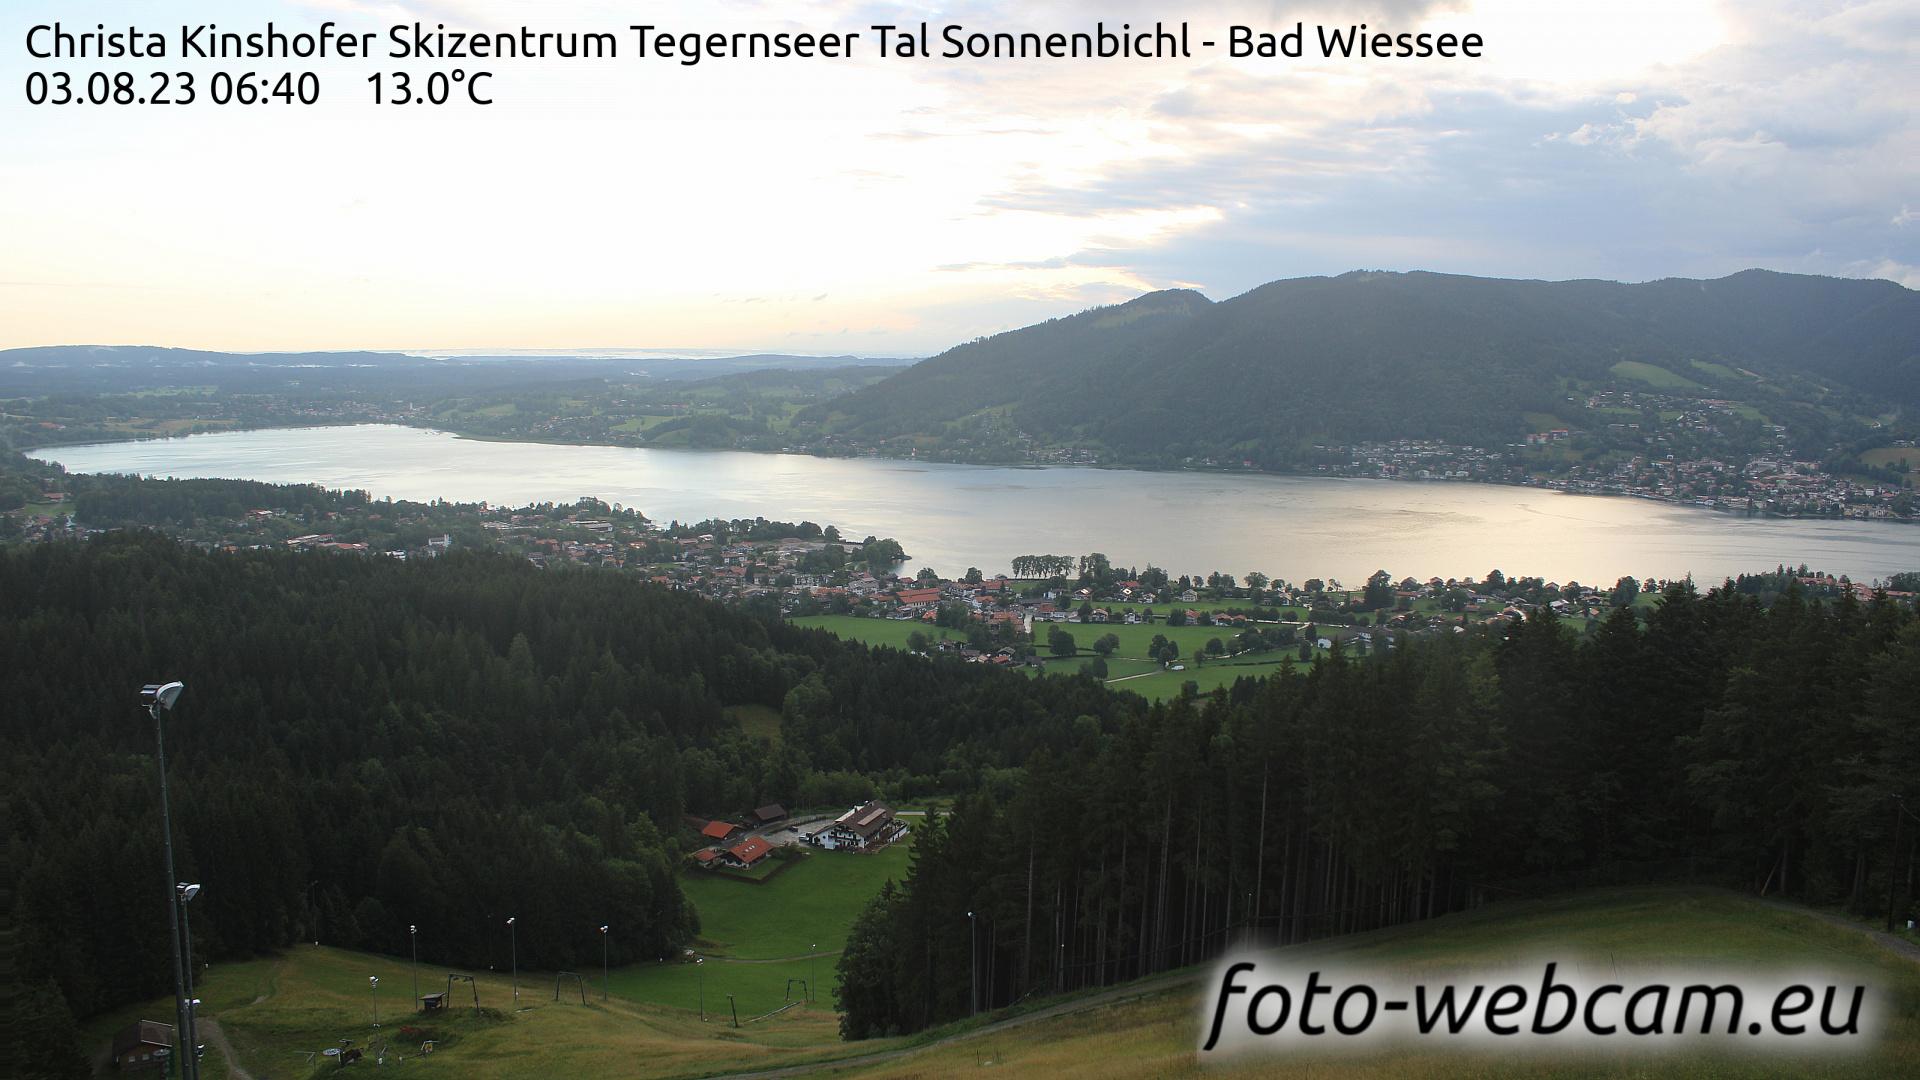 Bad Wiessee Wed. 06:48